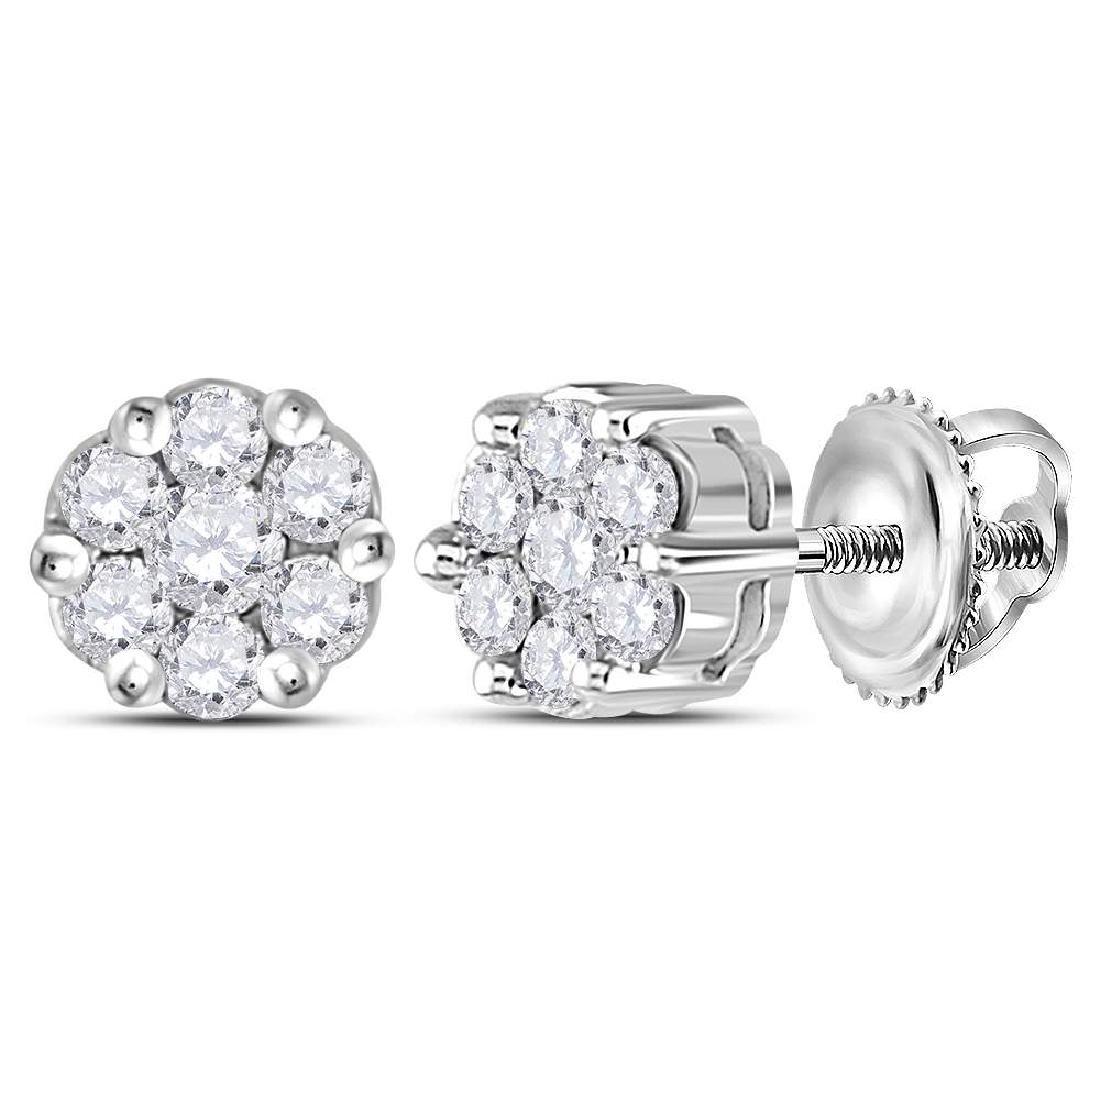 0.25 CTW Diamond Flower Cluster Earrings 14KT White